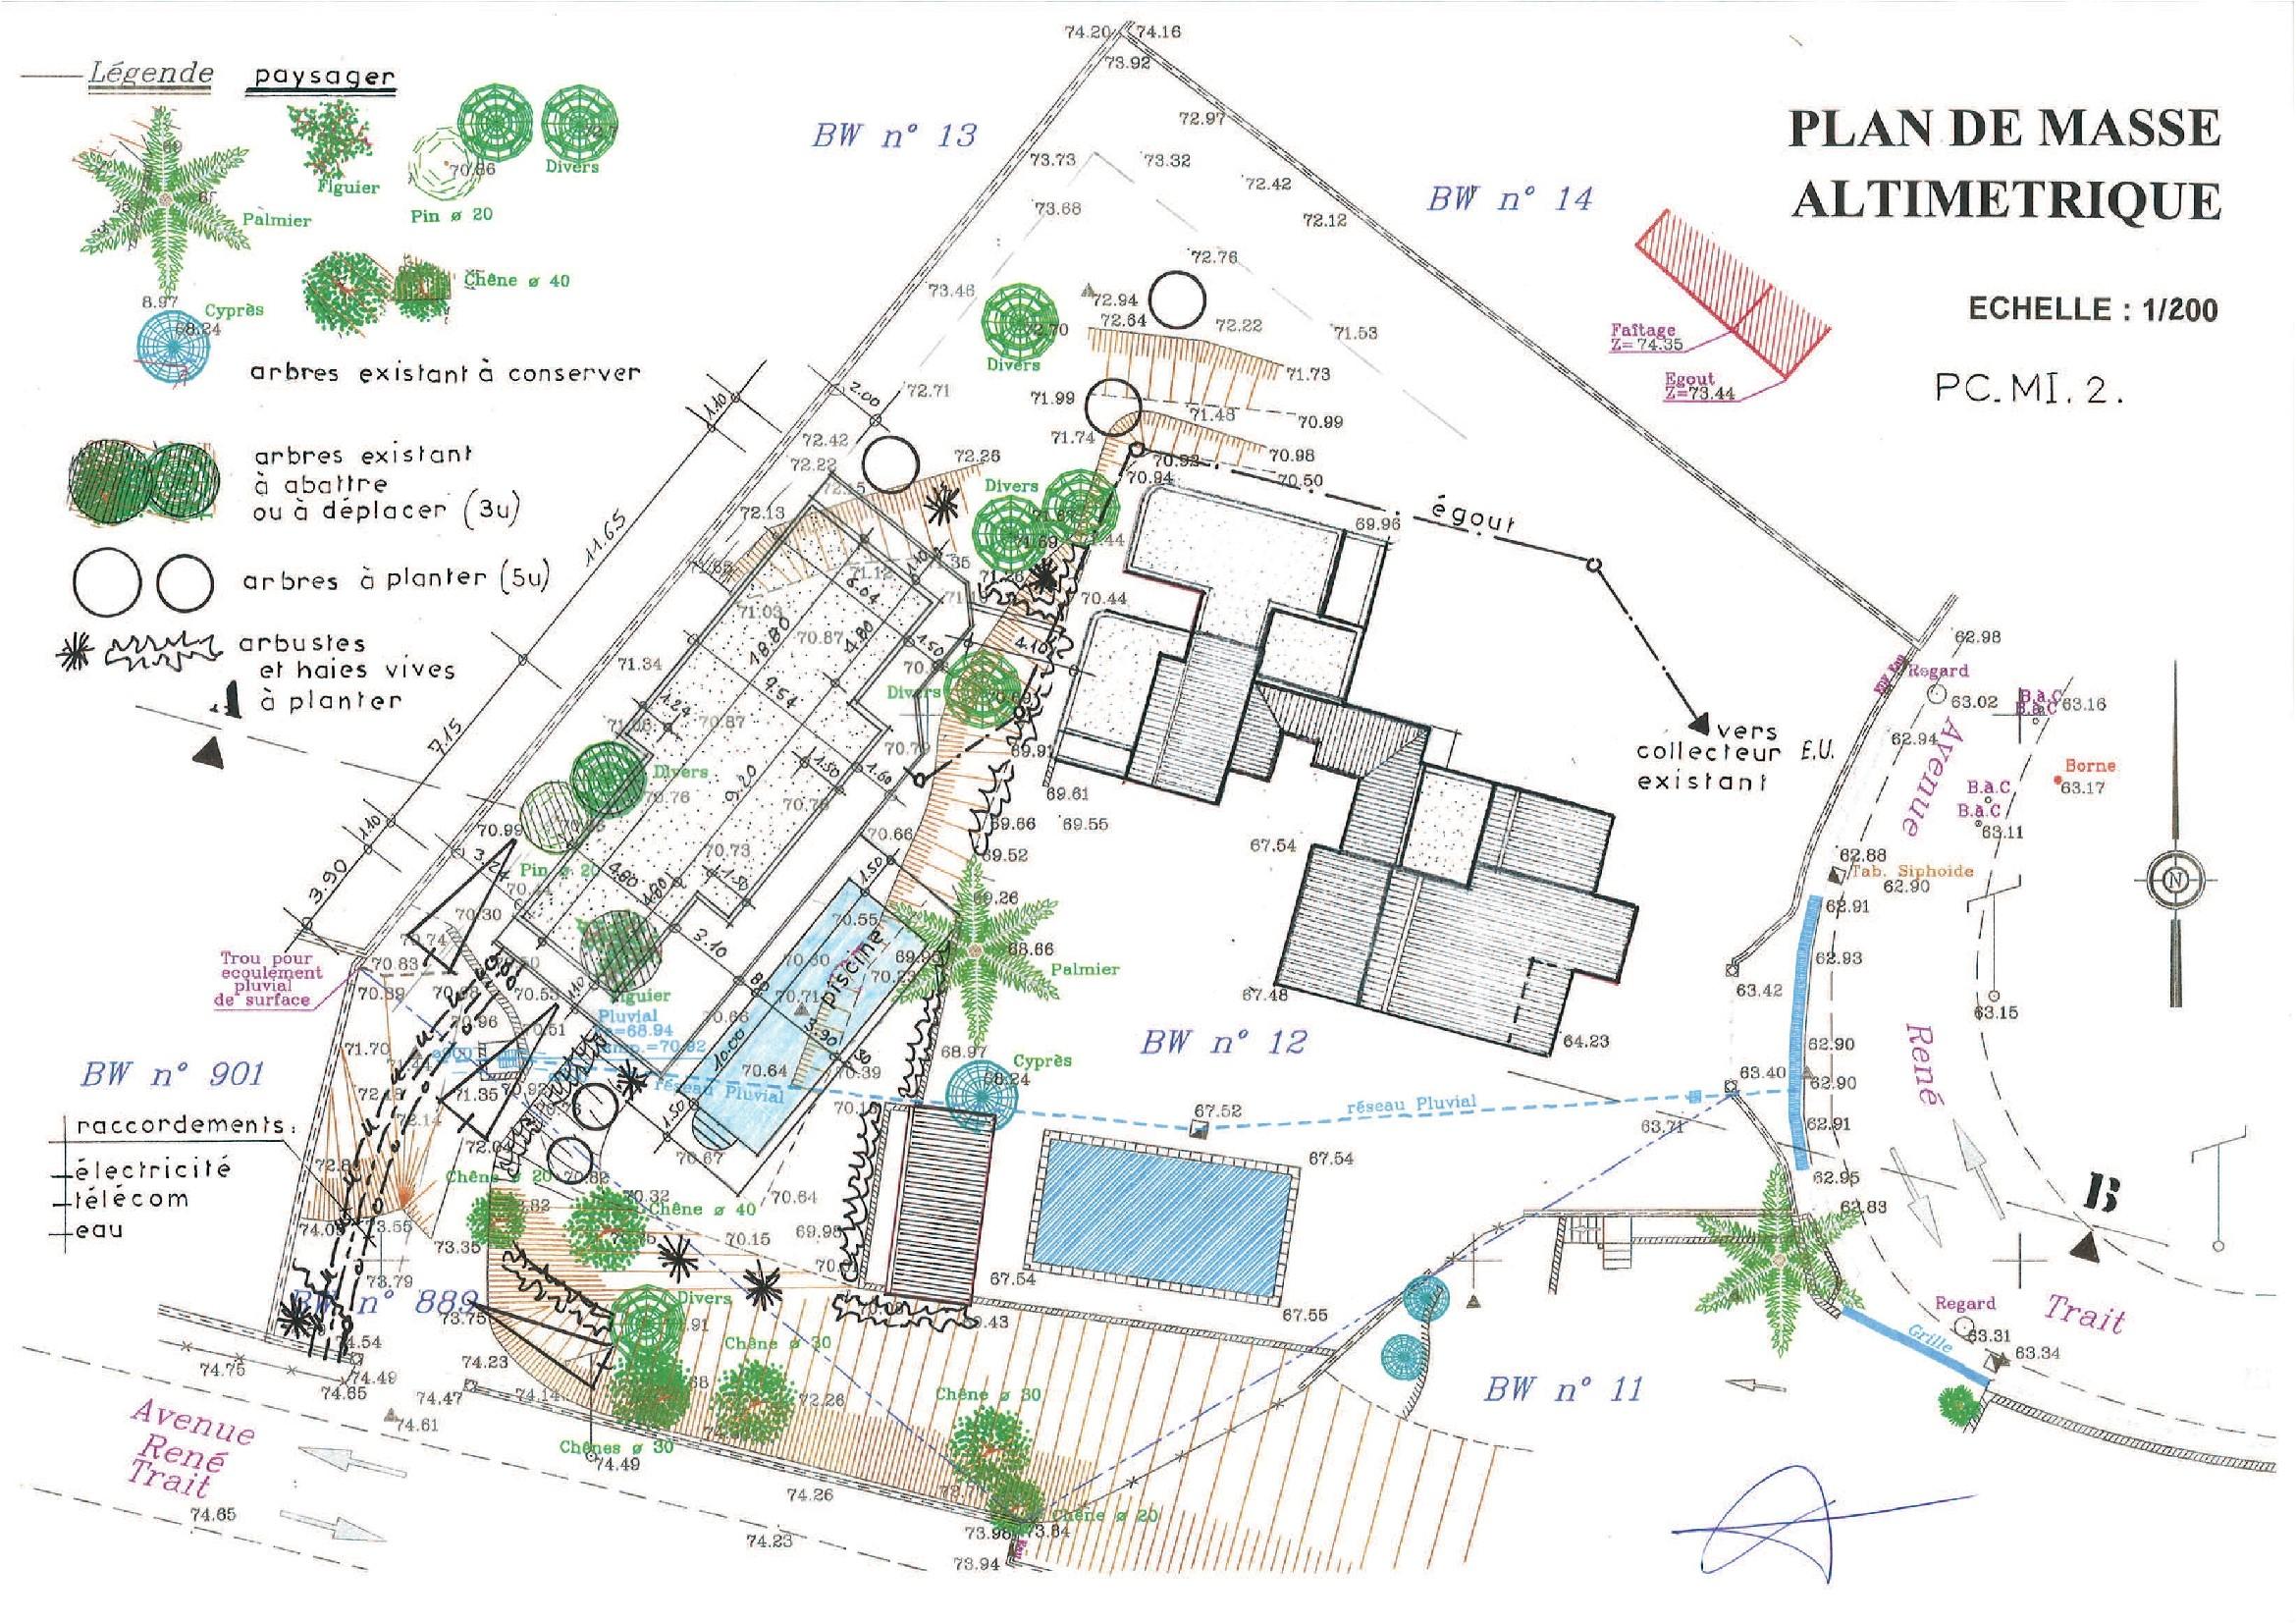 Plan de masse de maison good plan de masse de maison with plan de masse de maison plan de - Plan de masse et plan de situation ...